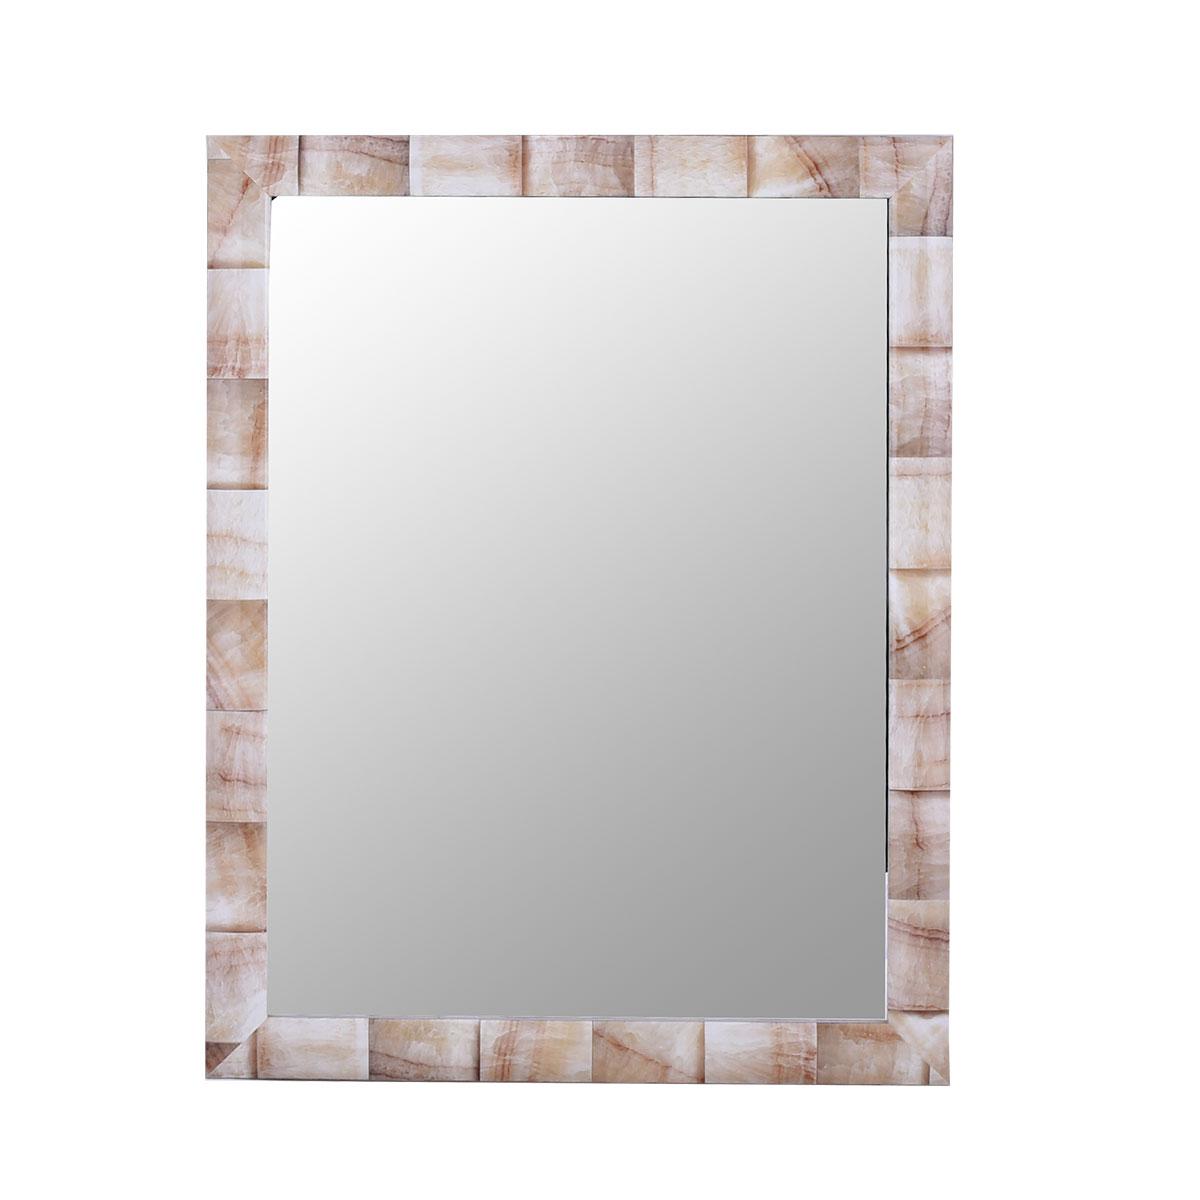 مرآة حائط مستطيلة الشكل , بأطار بلاستيك رخامي SH18092